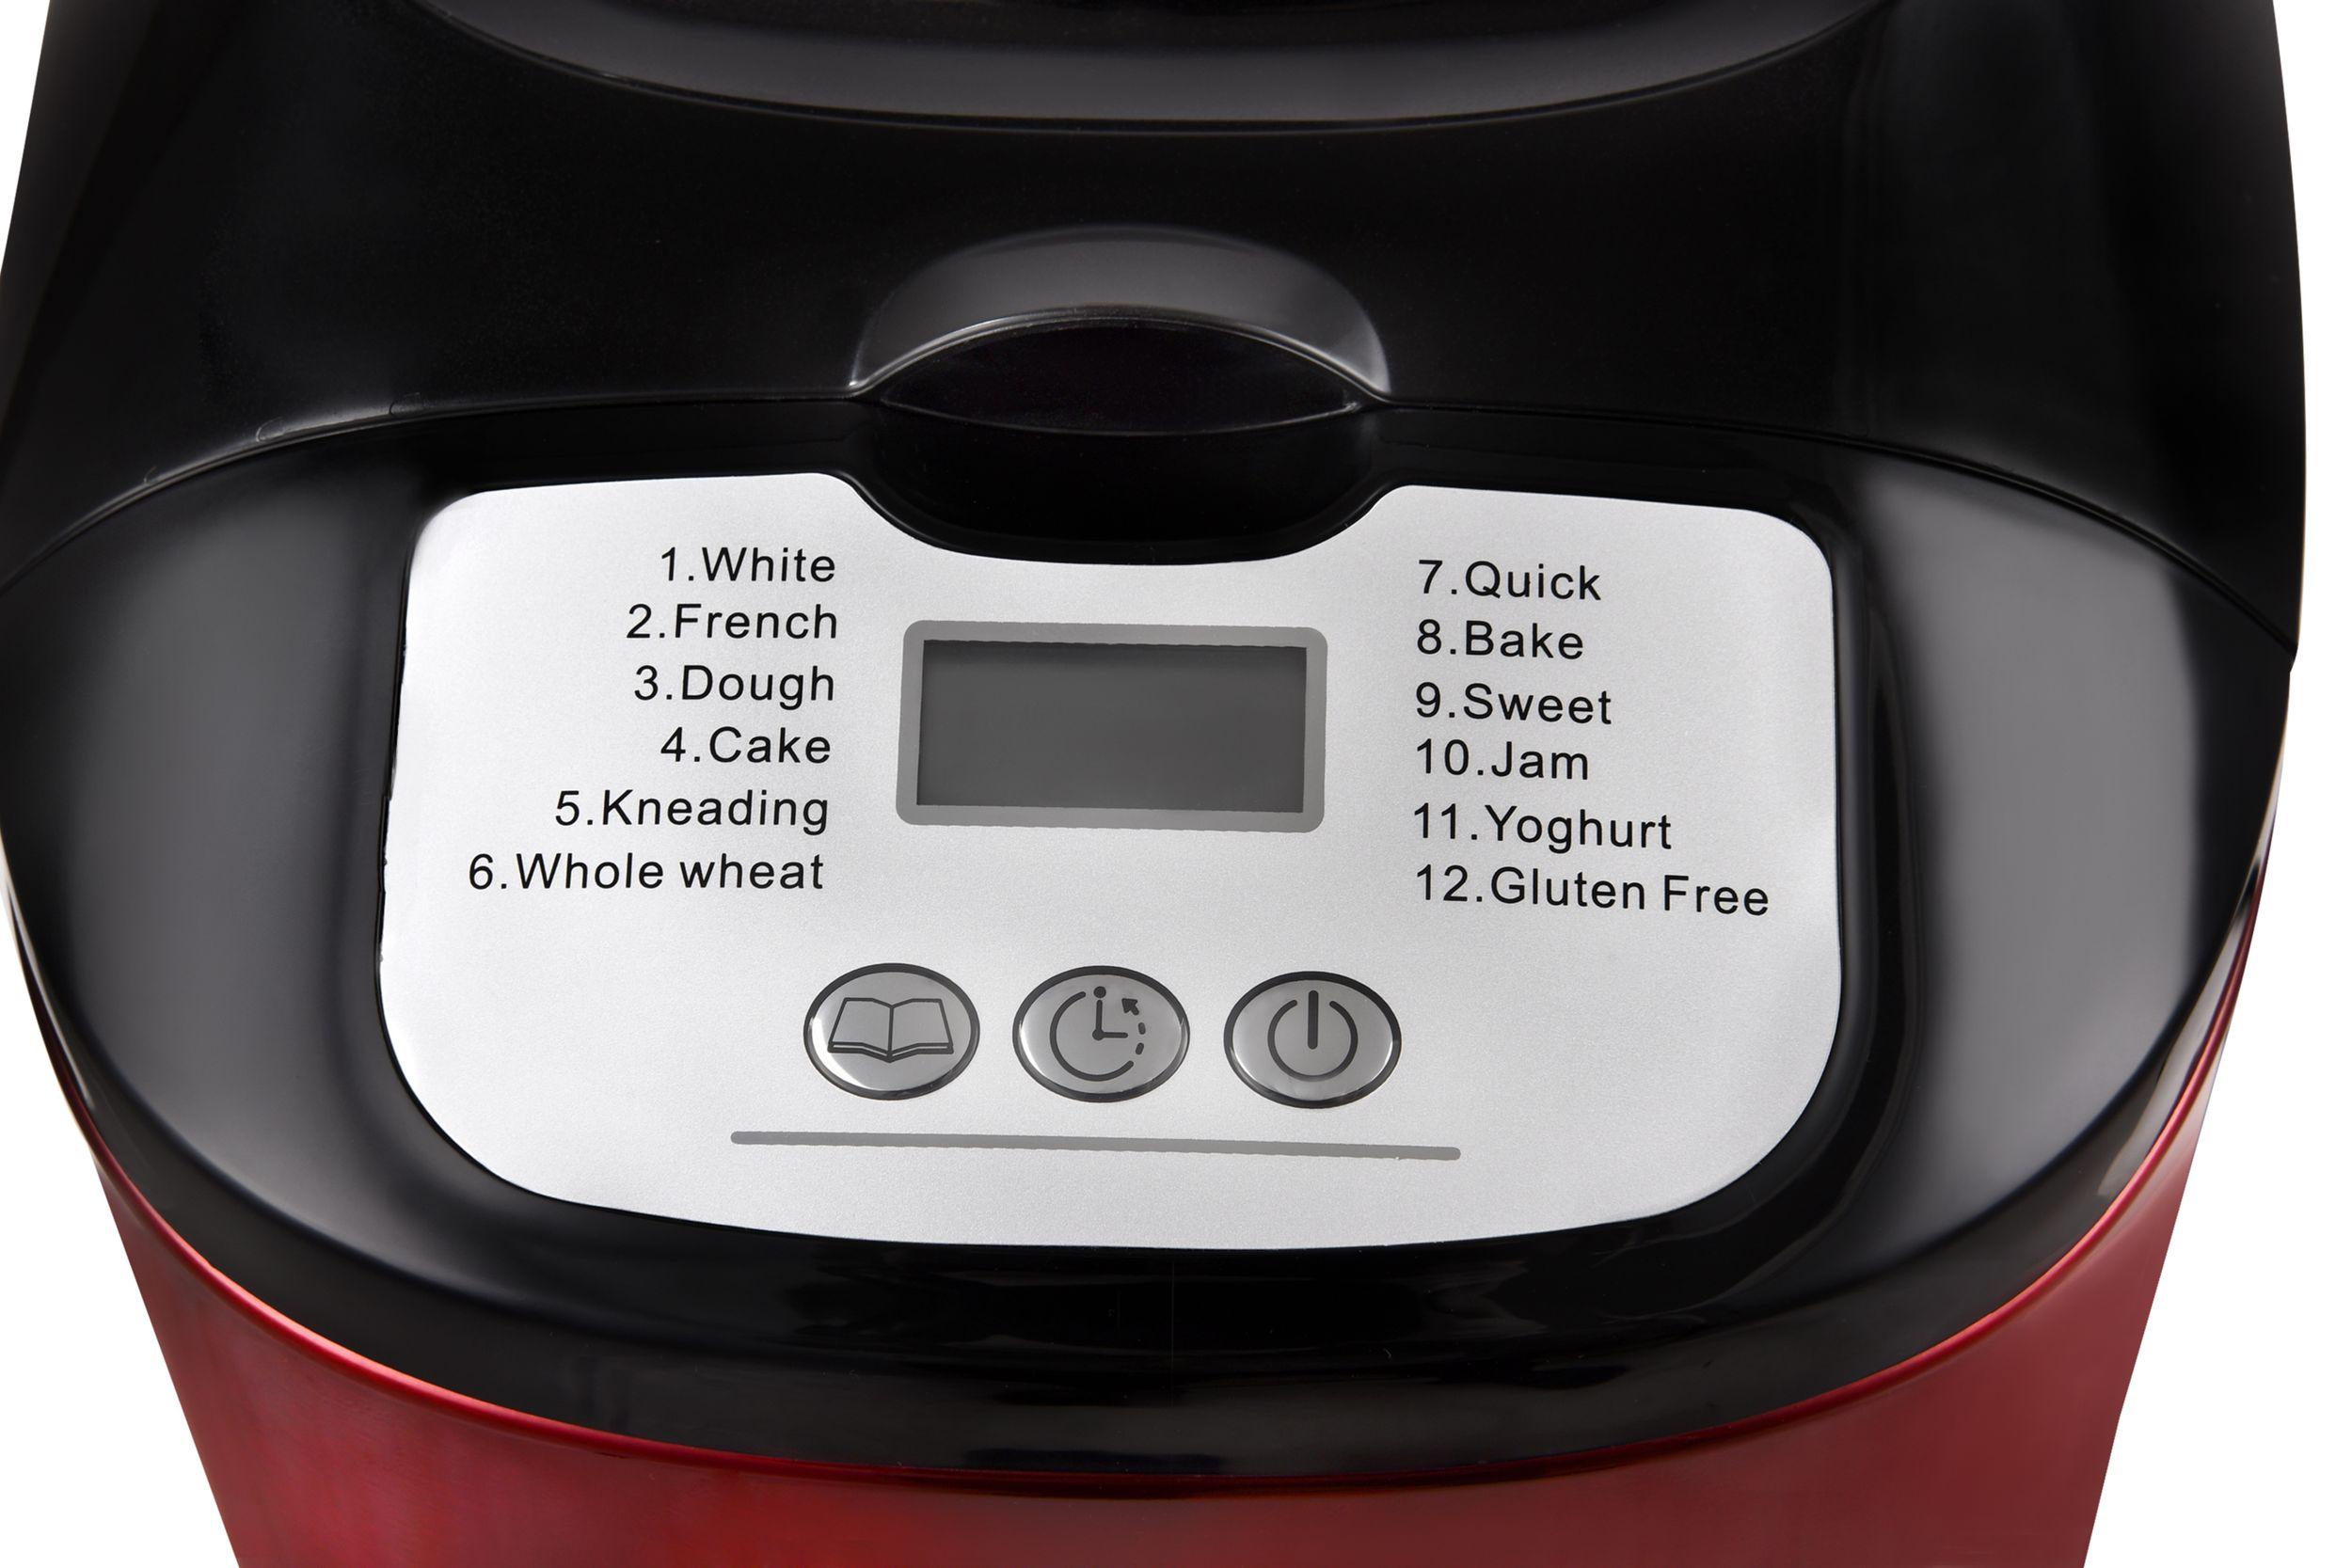 Brotbackautomat Multifunktion 12 Programme  1,5l 400g 450 W(Karton defekt)*85270 Bild 8